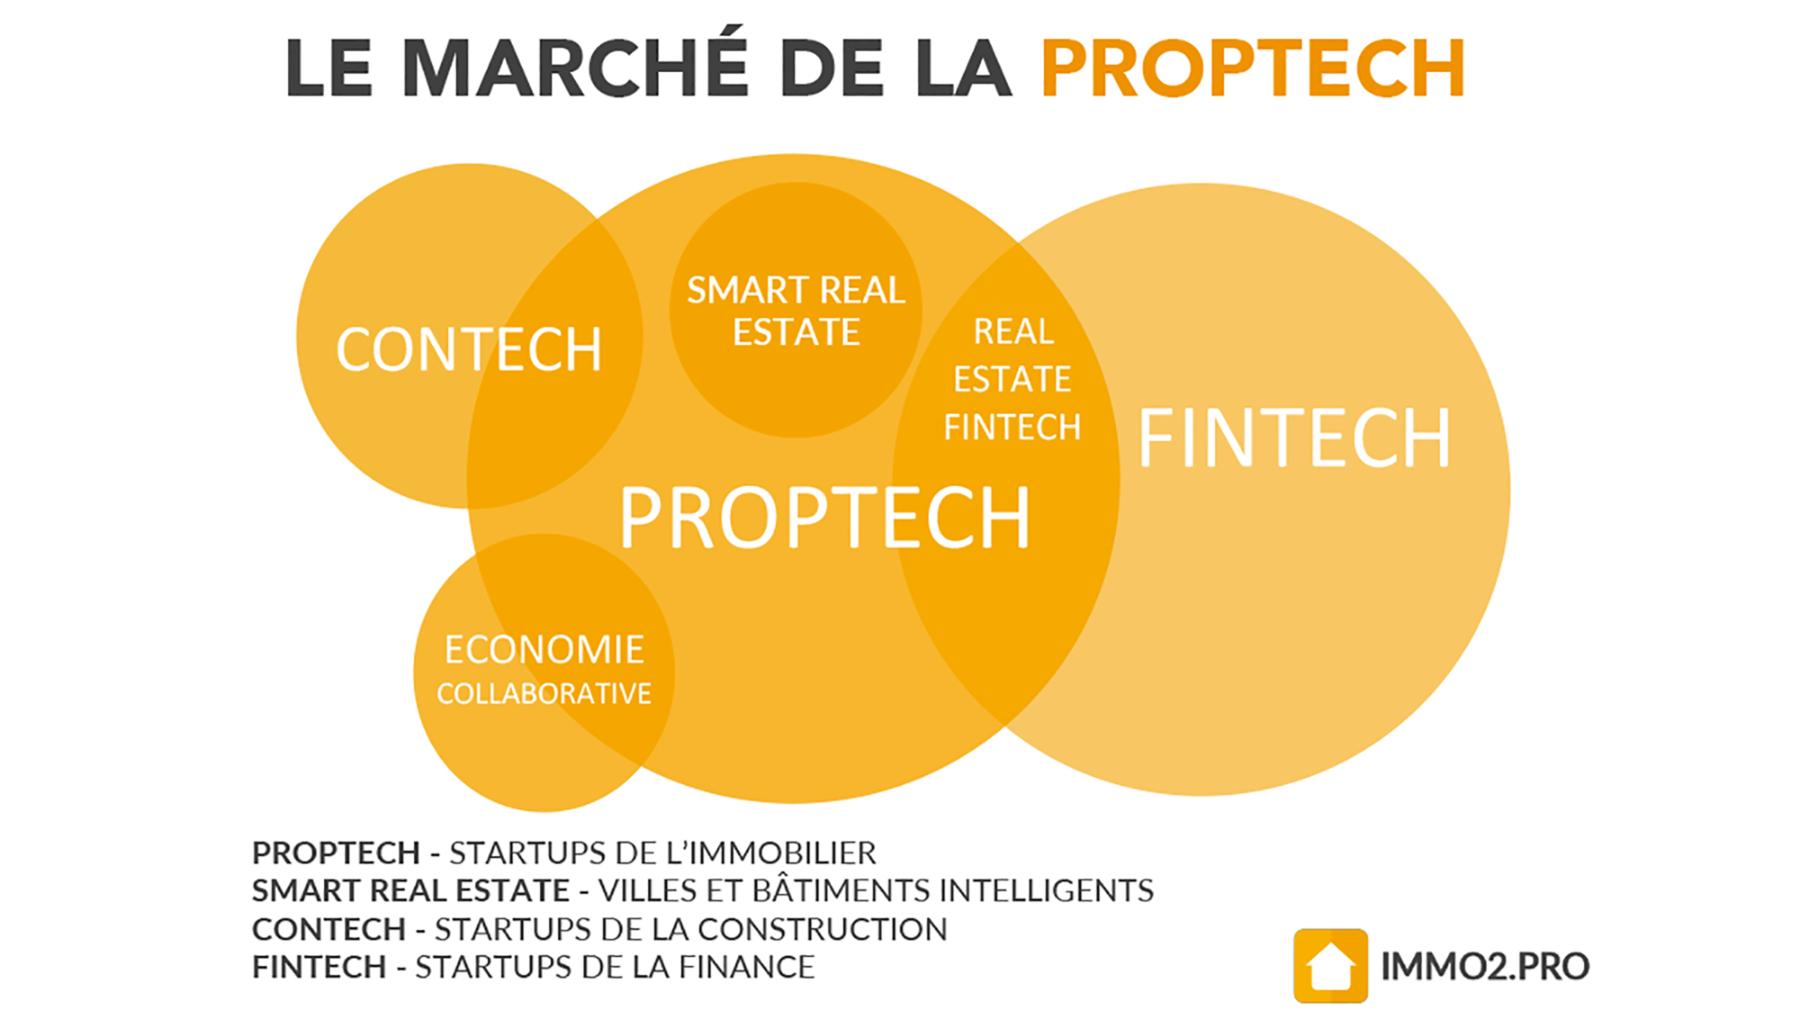 infographie-le-marche-de-la-proptech-immo2.pro